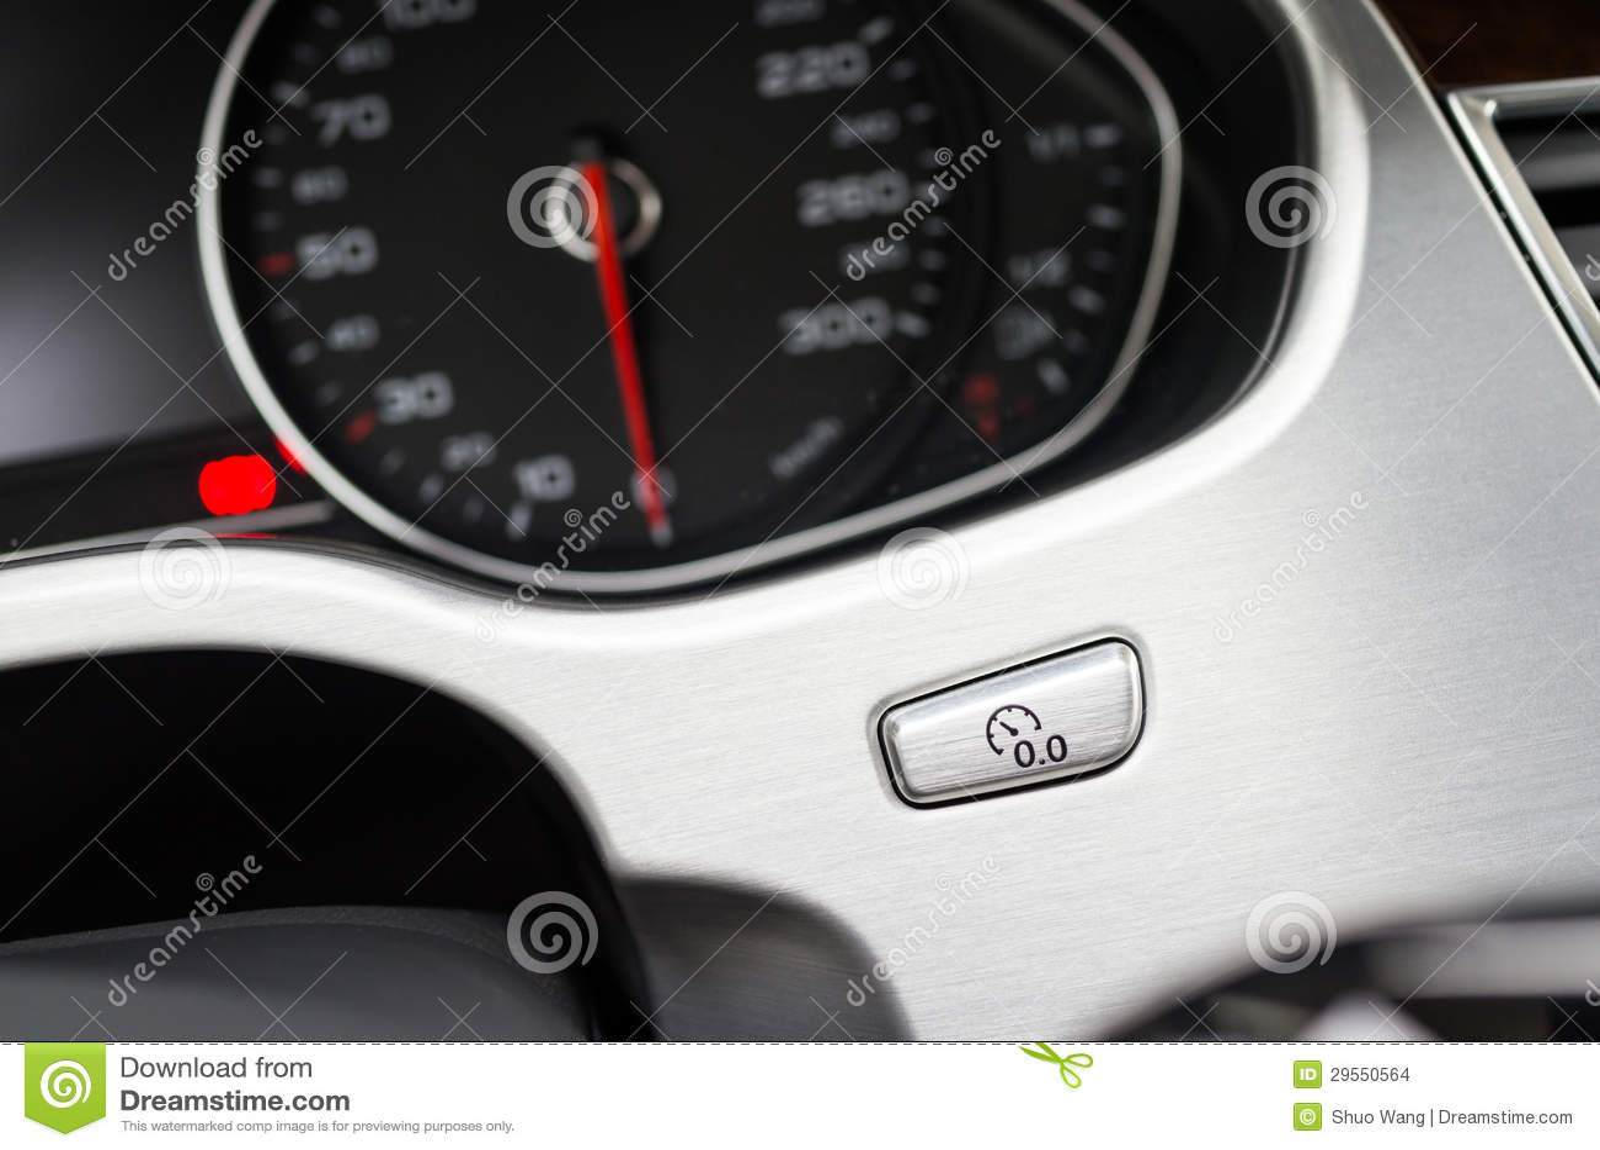 Entfernungsmesser Für Auto : Entfernungsmesser zur nulltaste stockfoto bild von panel hell